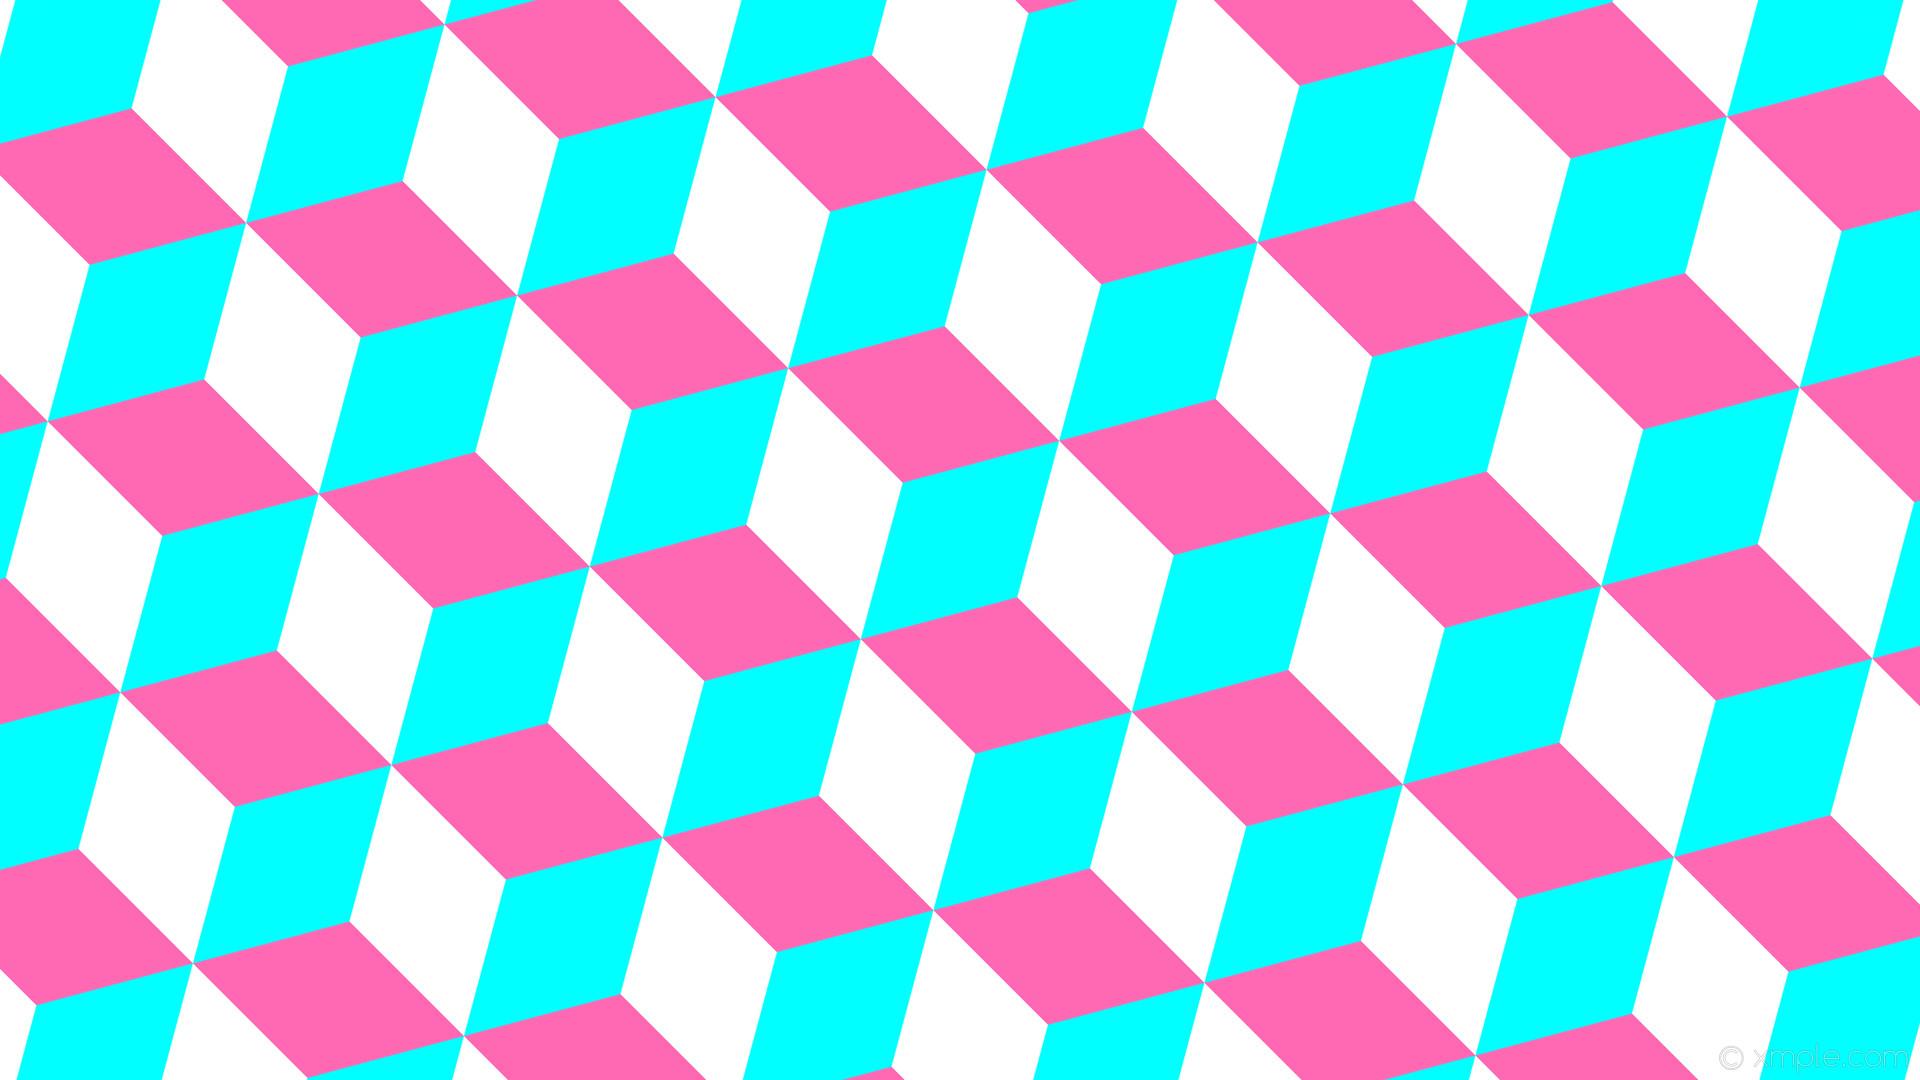 wallpaper blue 3d cubes pink white aqua cyan hot pink #00ffff #ff69b4  #ffffff